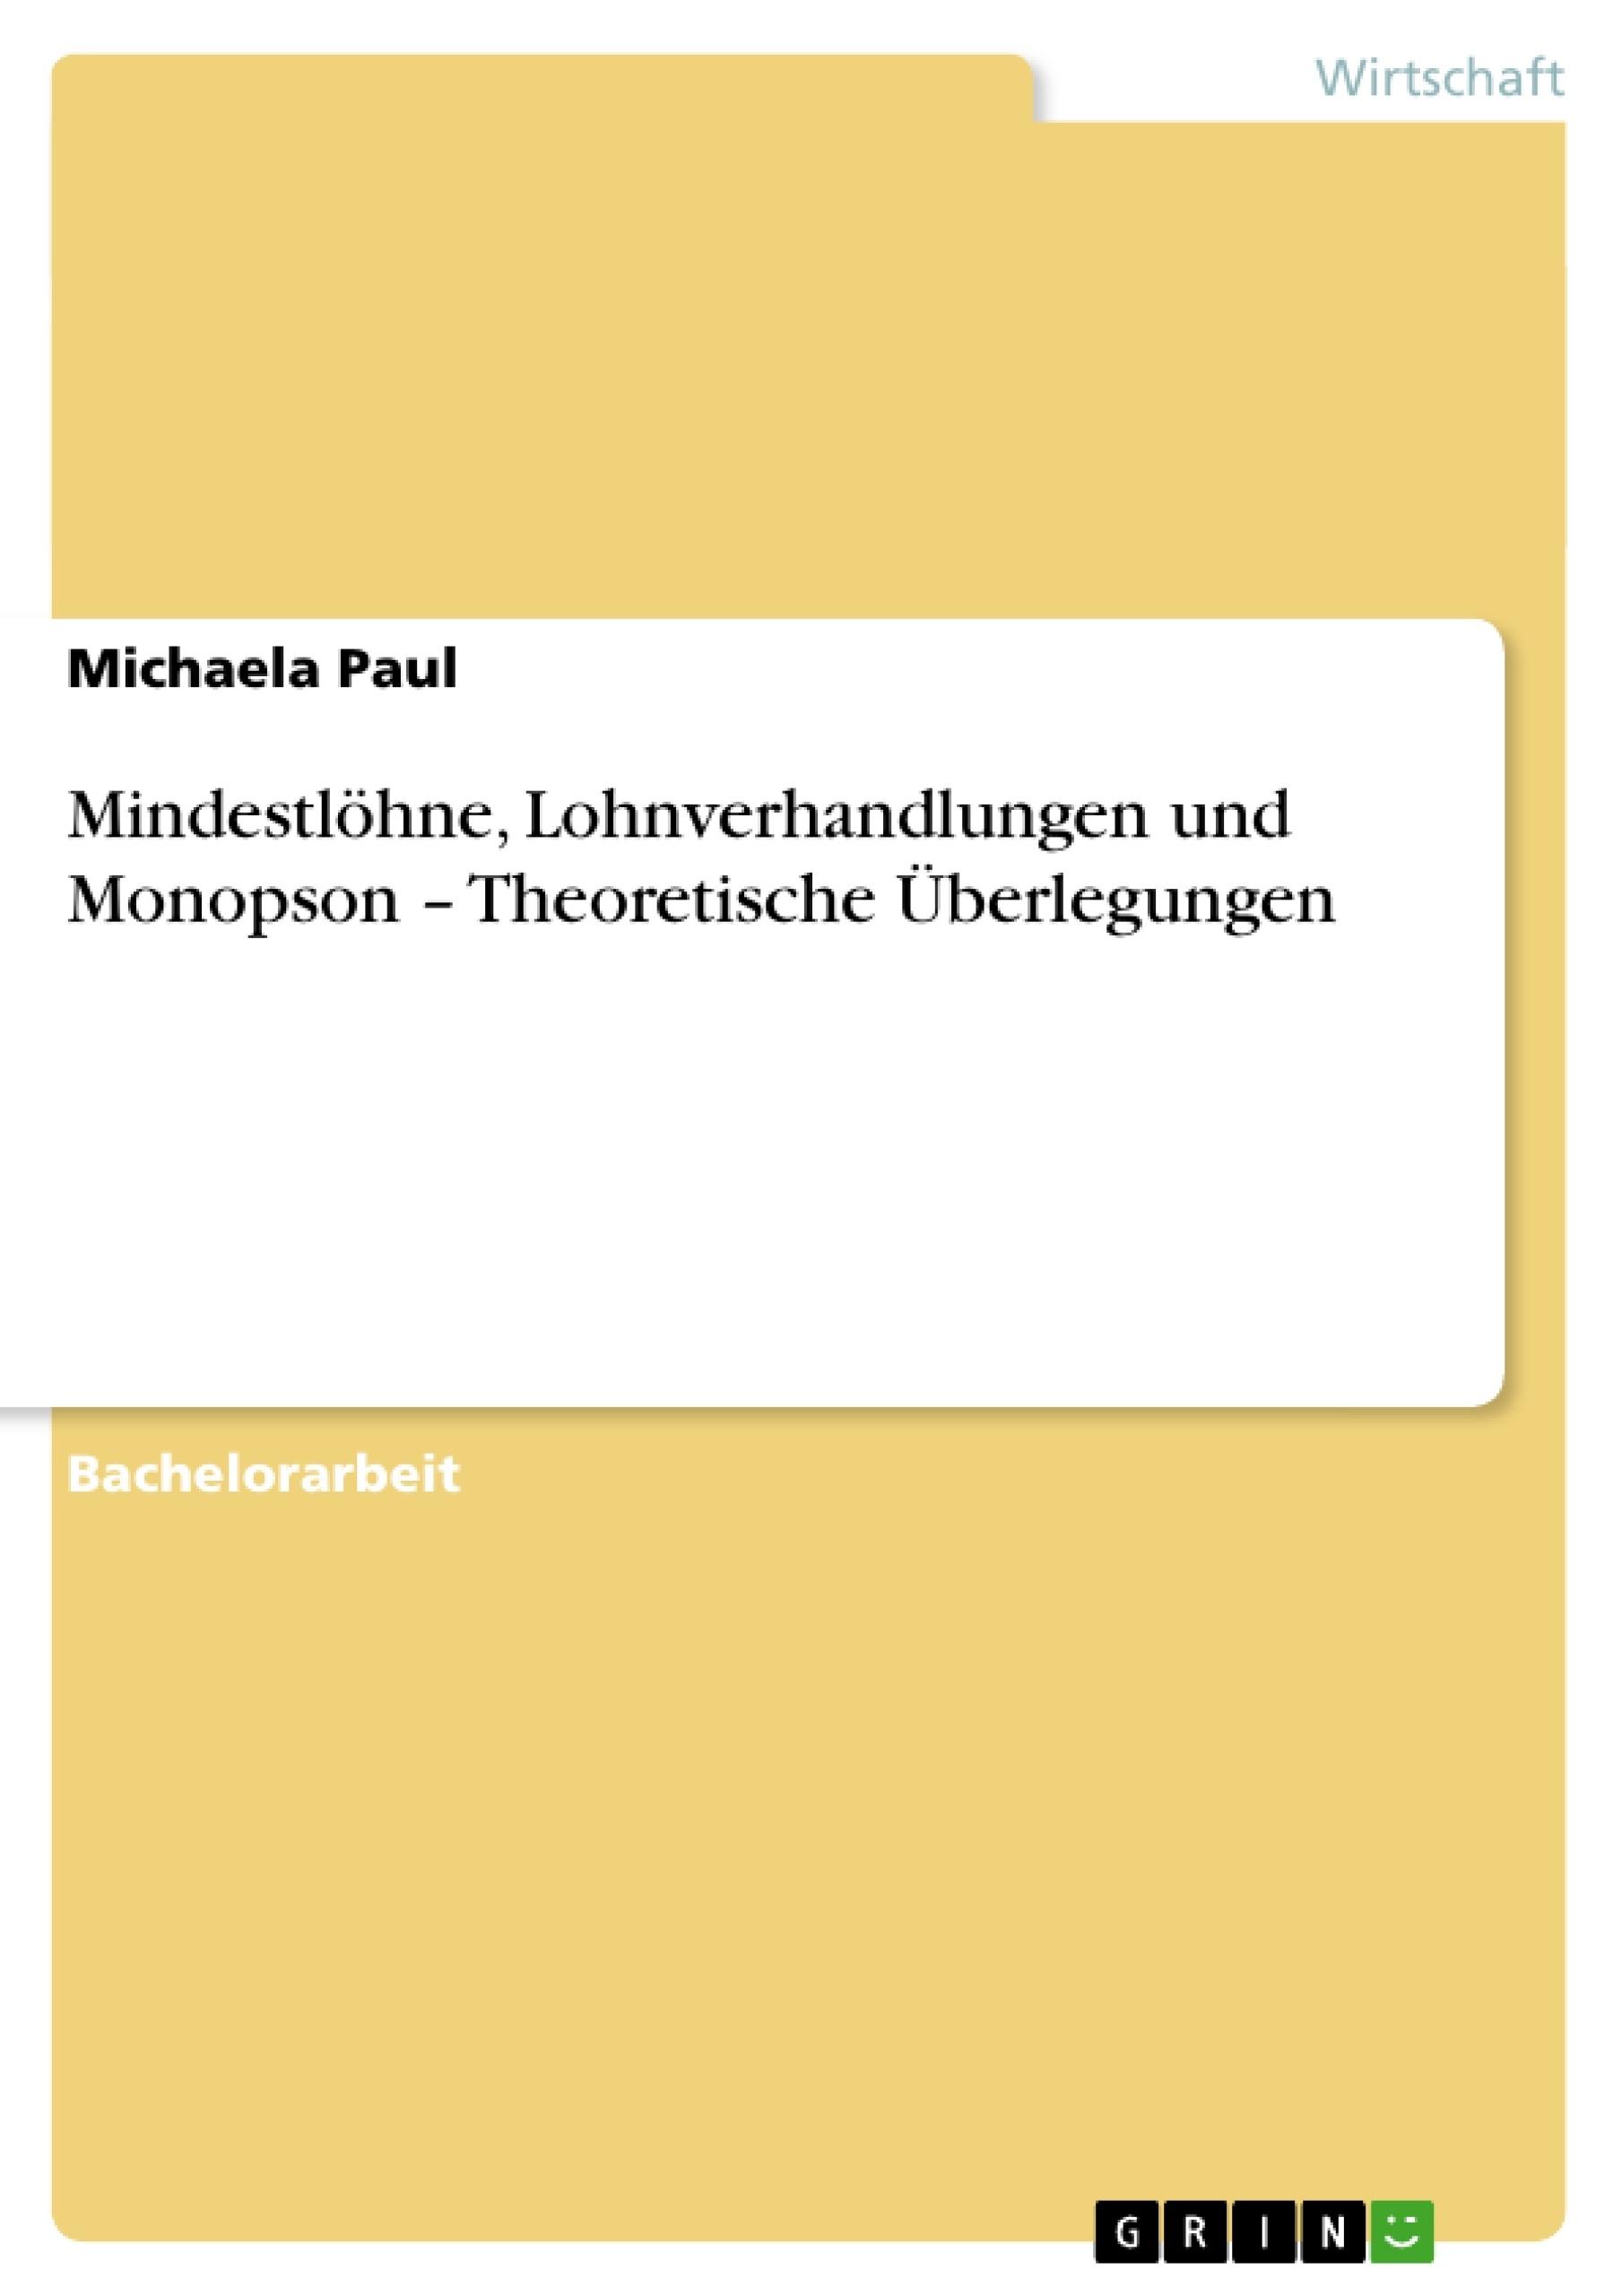 Titel: Mindestlöhne, Lohnverhandlungen und Monopson – Theoretische Überlegungen